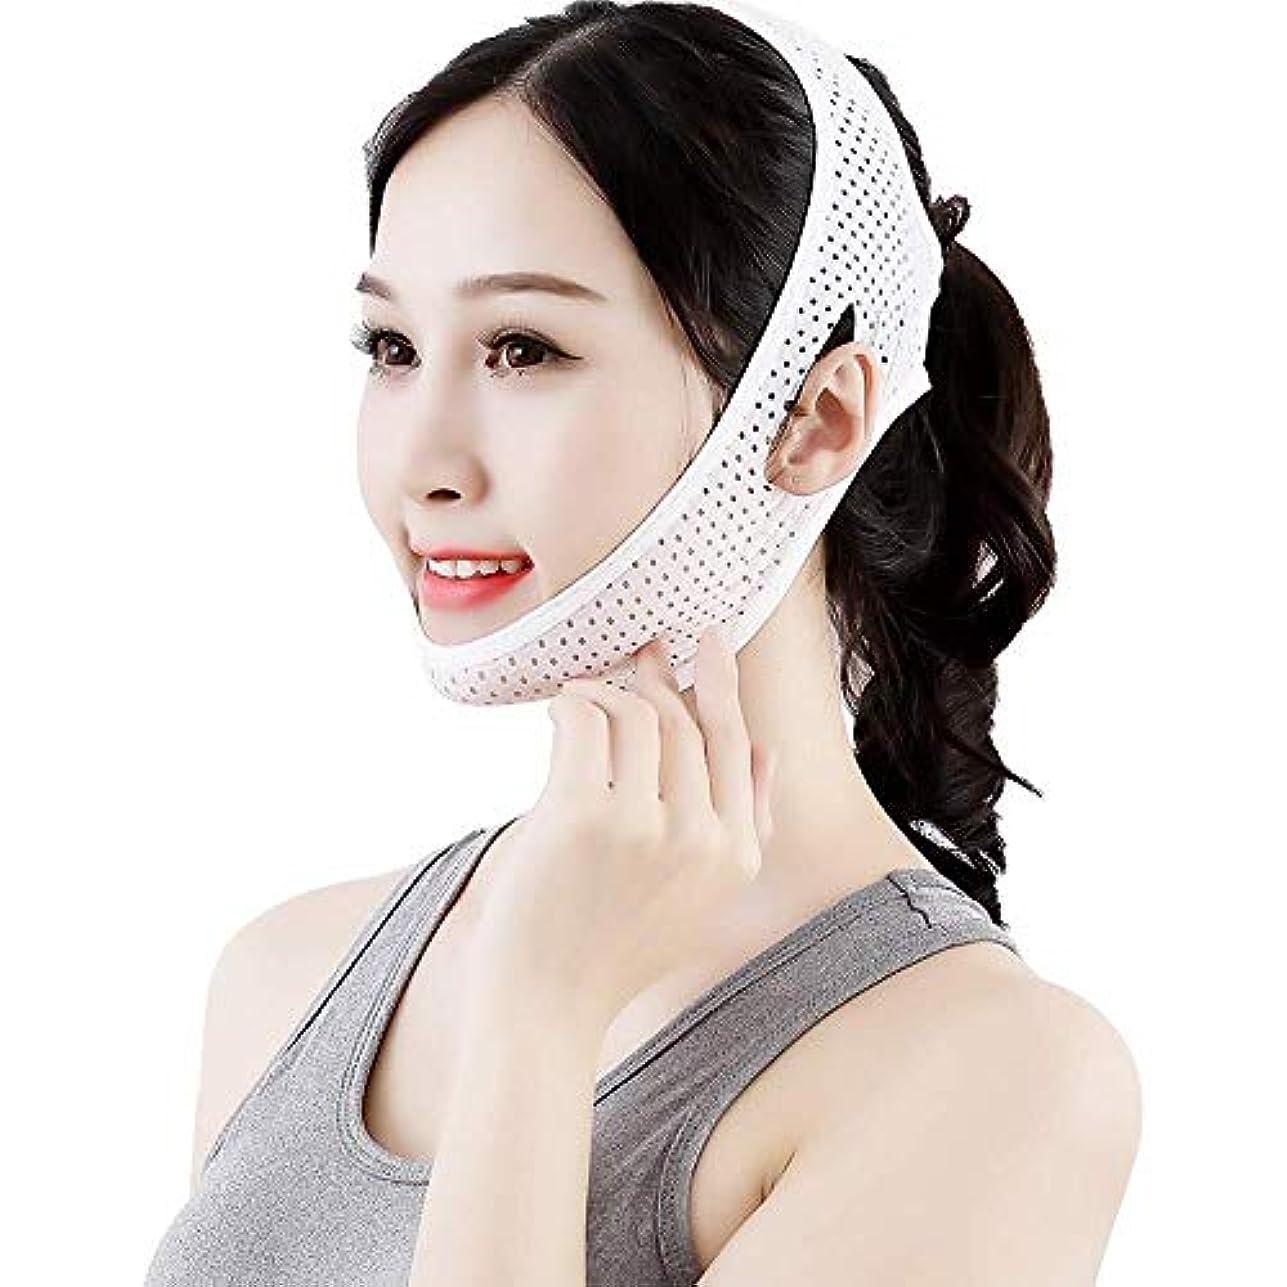 長くする遺棄された弓JN フェイスリフティングベルト、物理的なプラスチックスリープ薄い顔の包帯ダブルチンリデューサーフェイス美容リフティングファーミングストラップマスク たるみ防止マスク